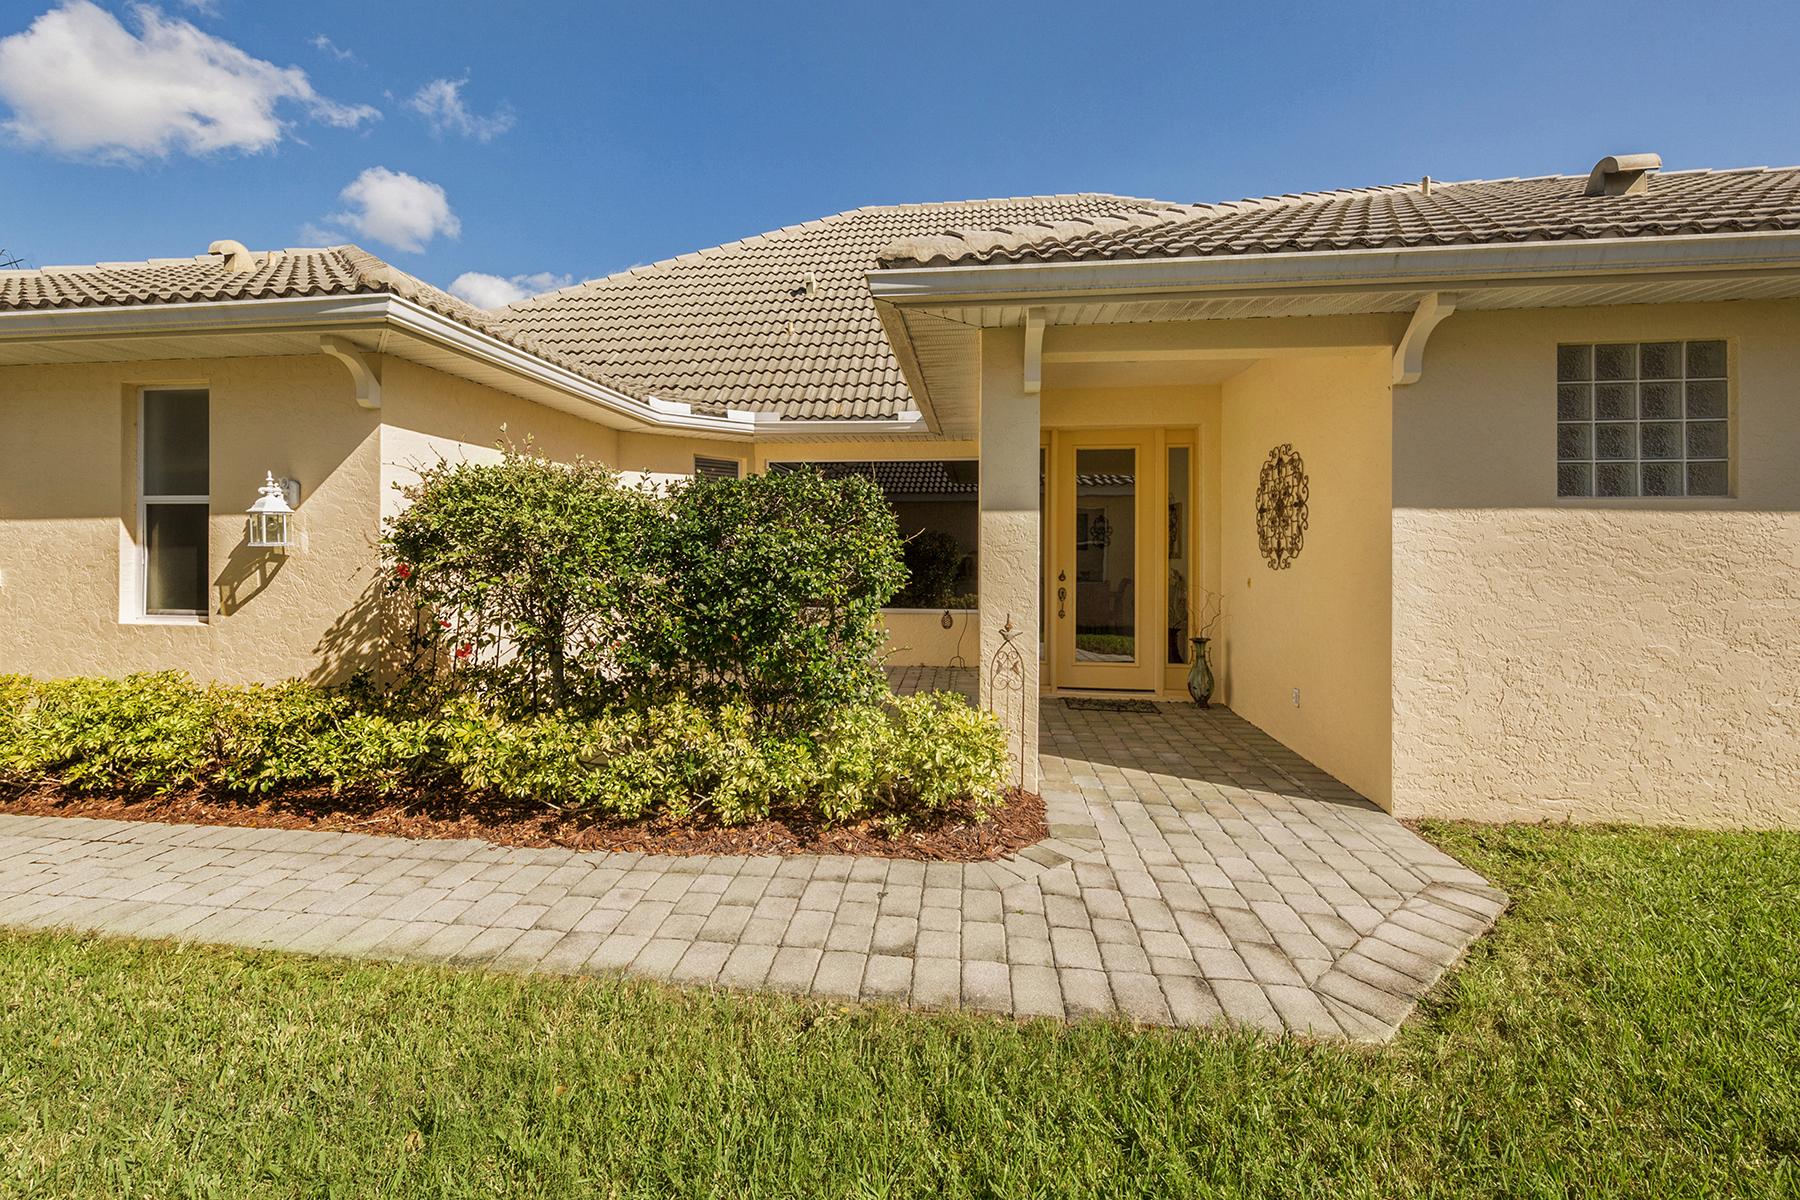 タウンハウス のために 売買 アット TALON BAY 8661 Hawk Nest Ln North Port, フロリダ, 34287 アメリカ合衆国